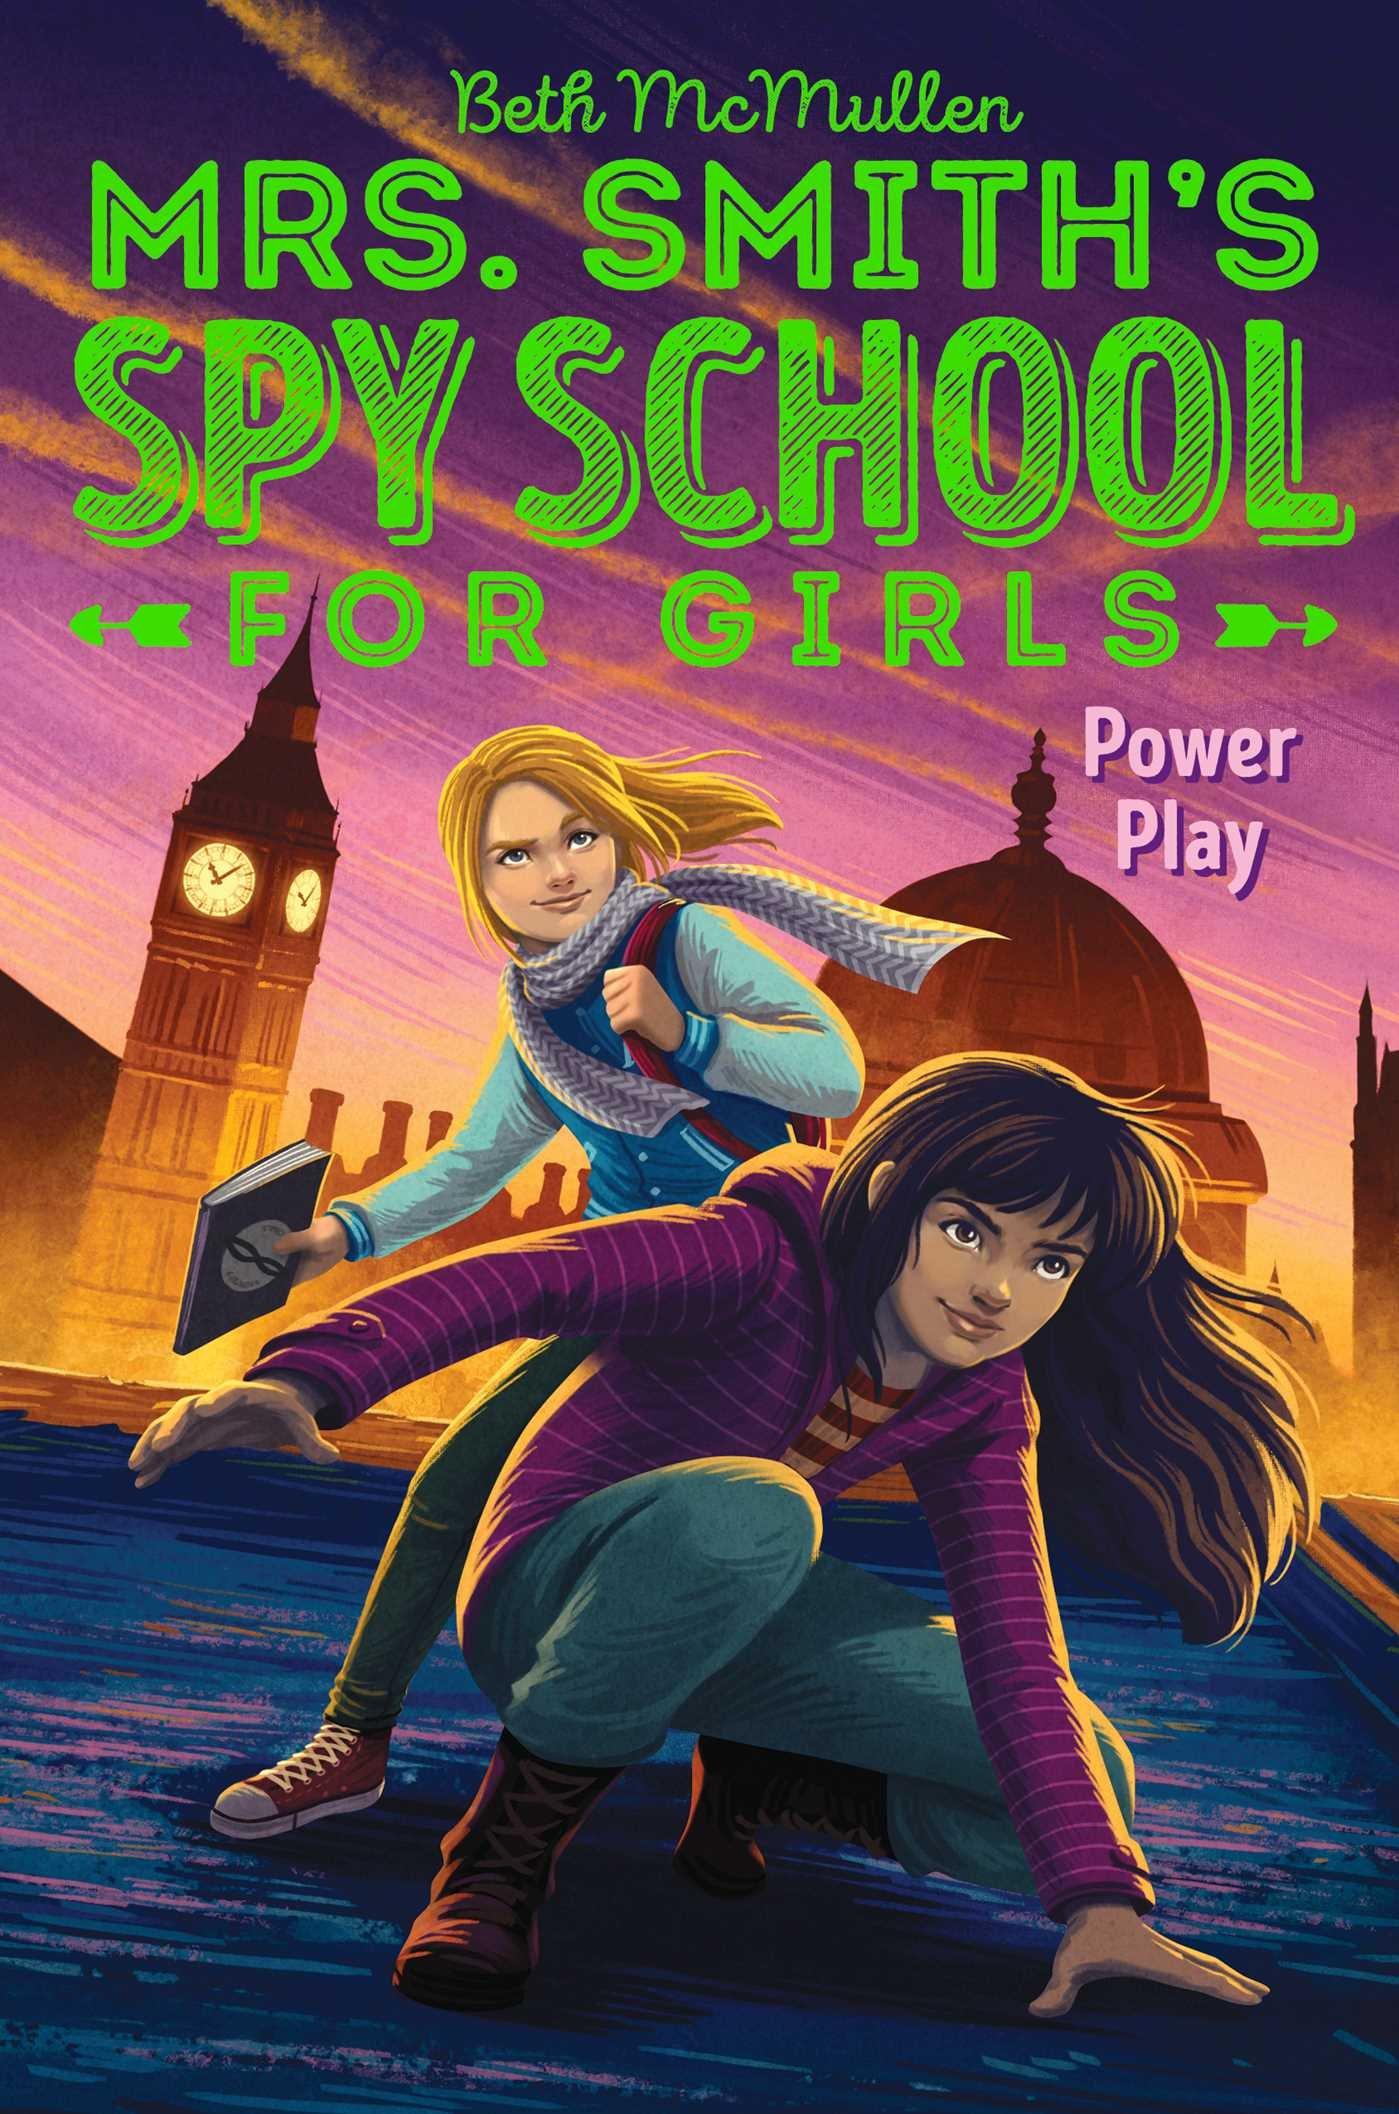 Power Play (Mrs. Smith's Spy School for Girls)